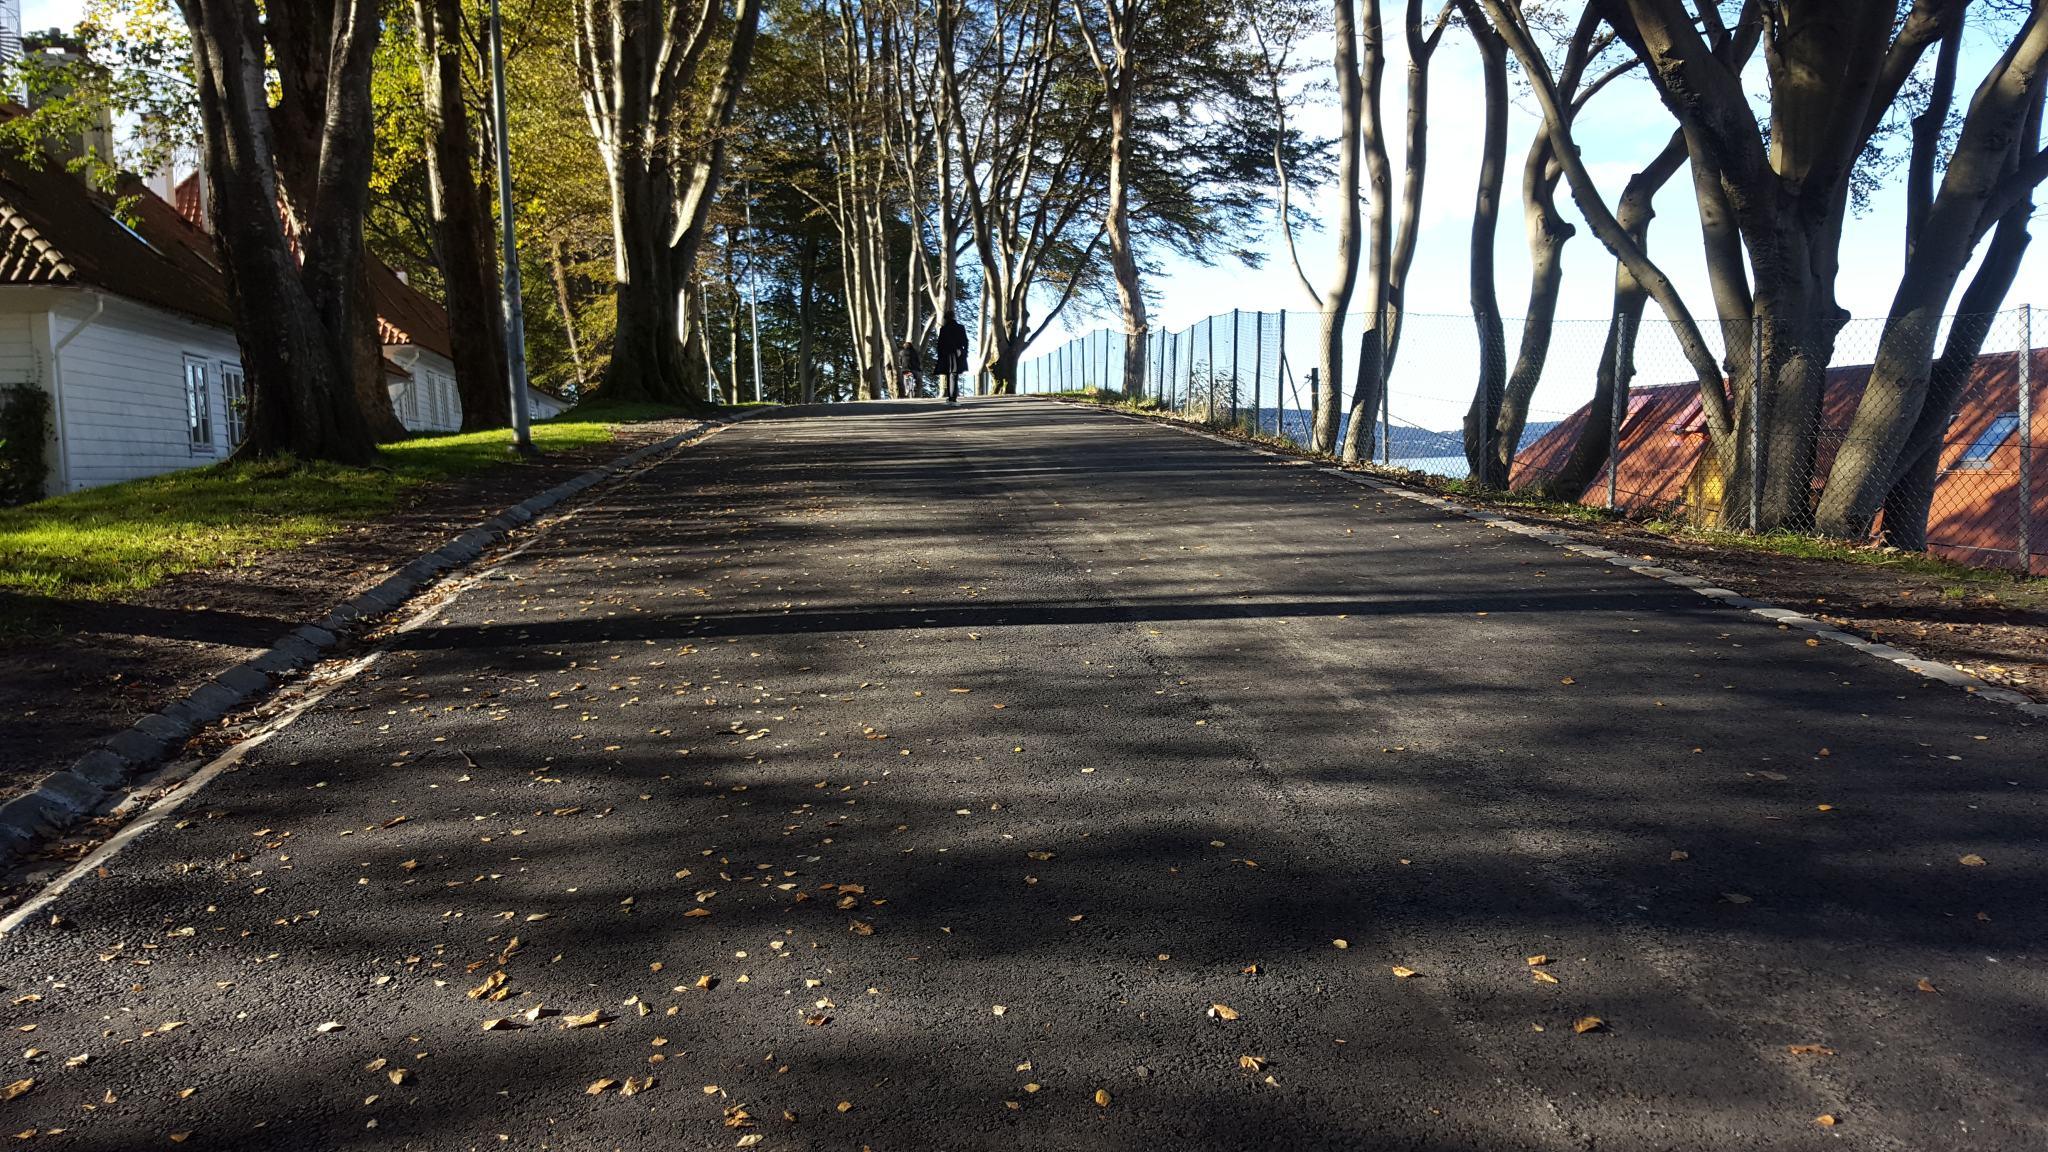 Nå er det asfalt som møter deg i starten av parken. Foto: Eva Johansen